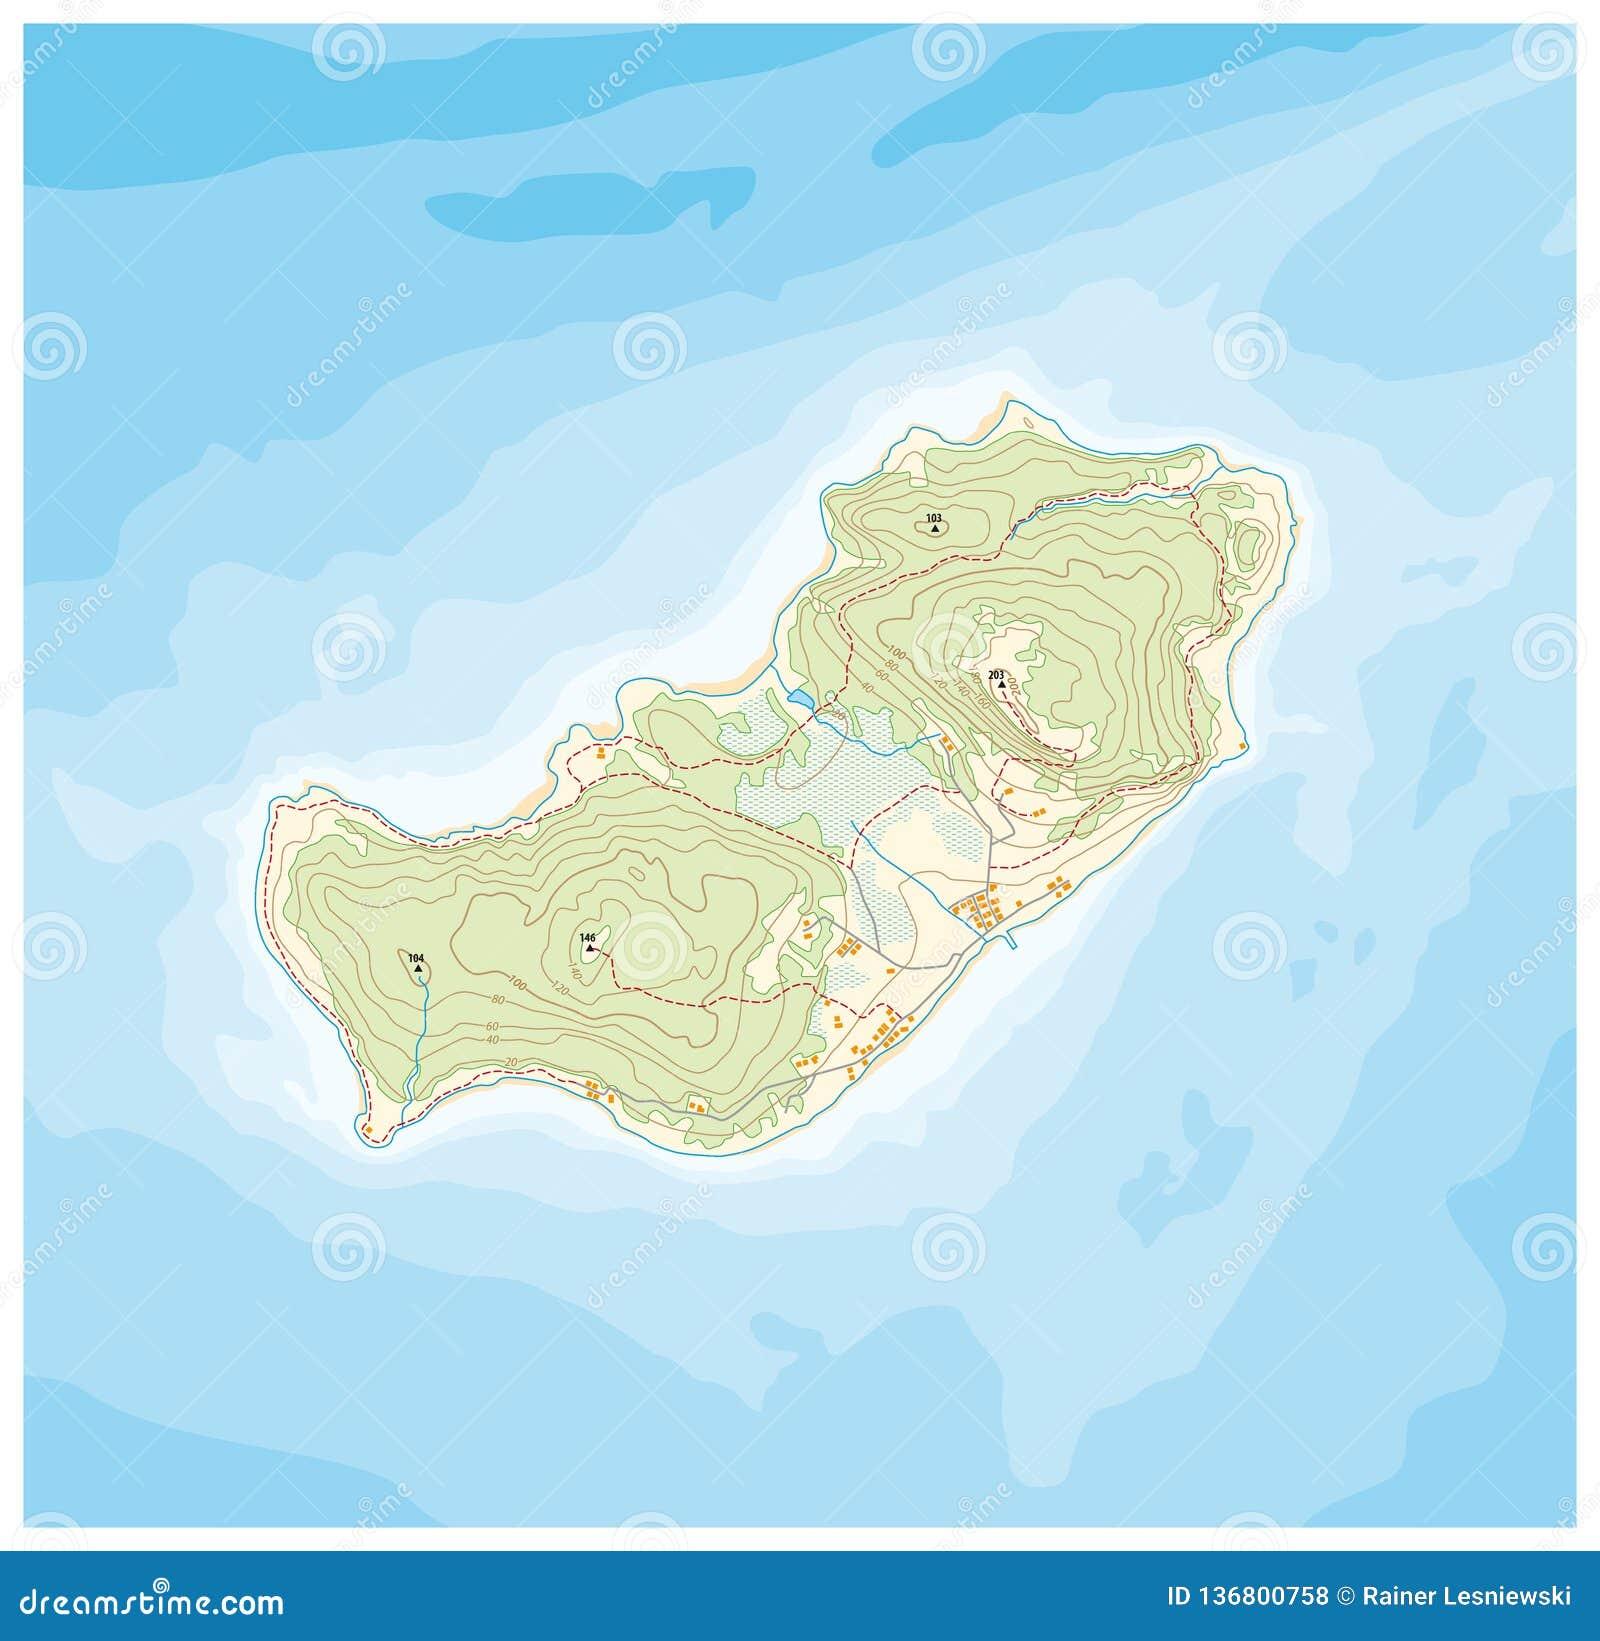 Modelo abstracto del mapa de la isla con alturas topográficas y líneas profundas